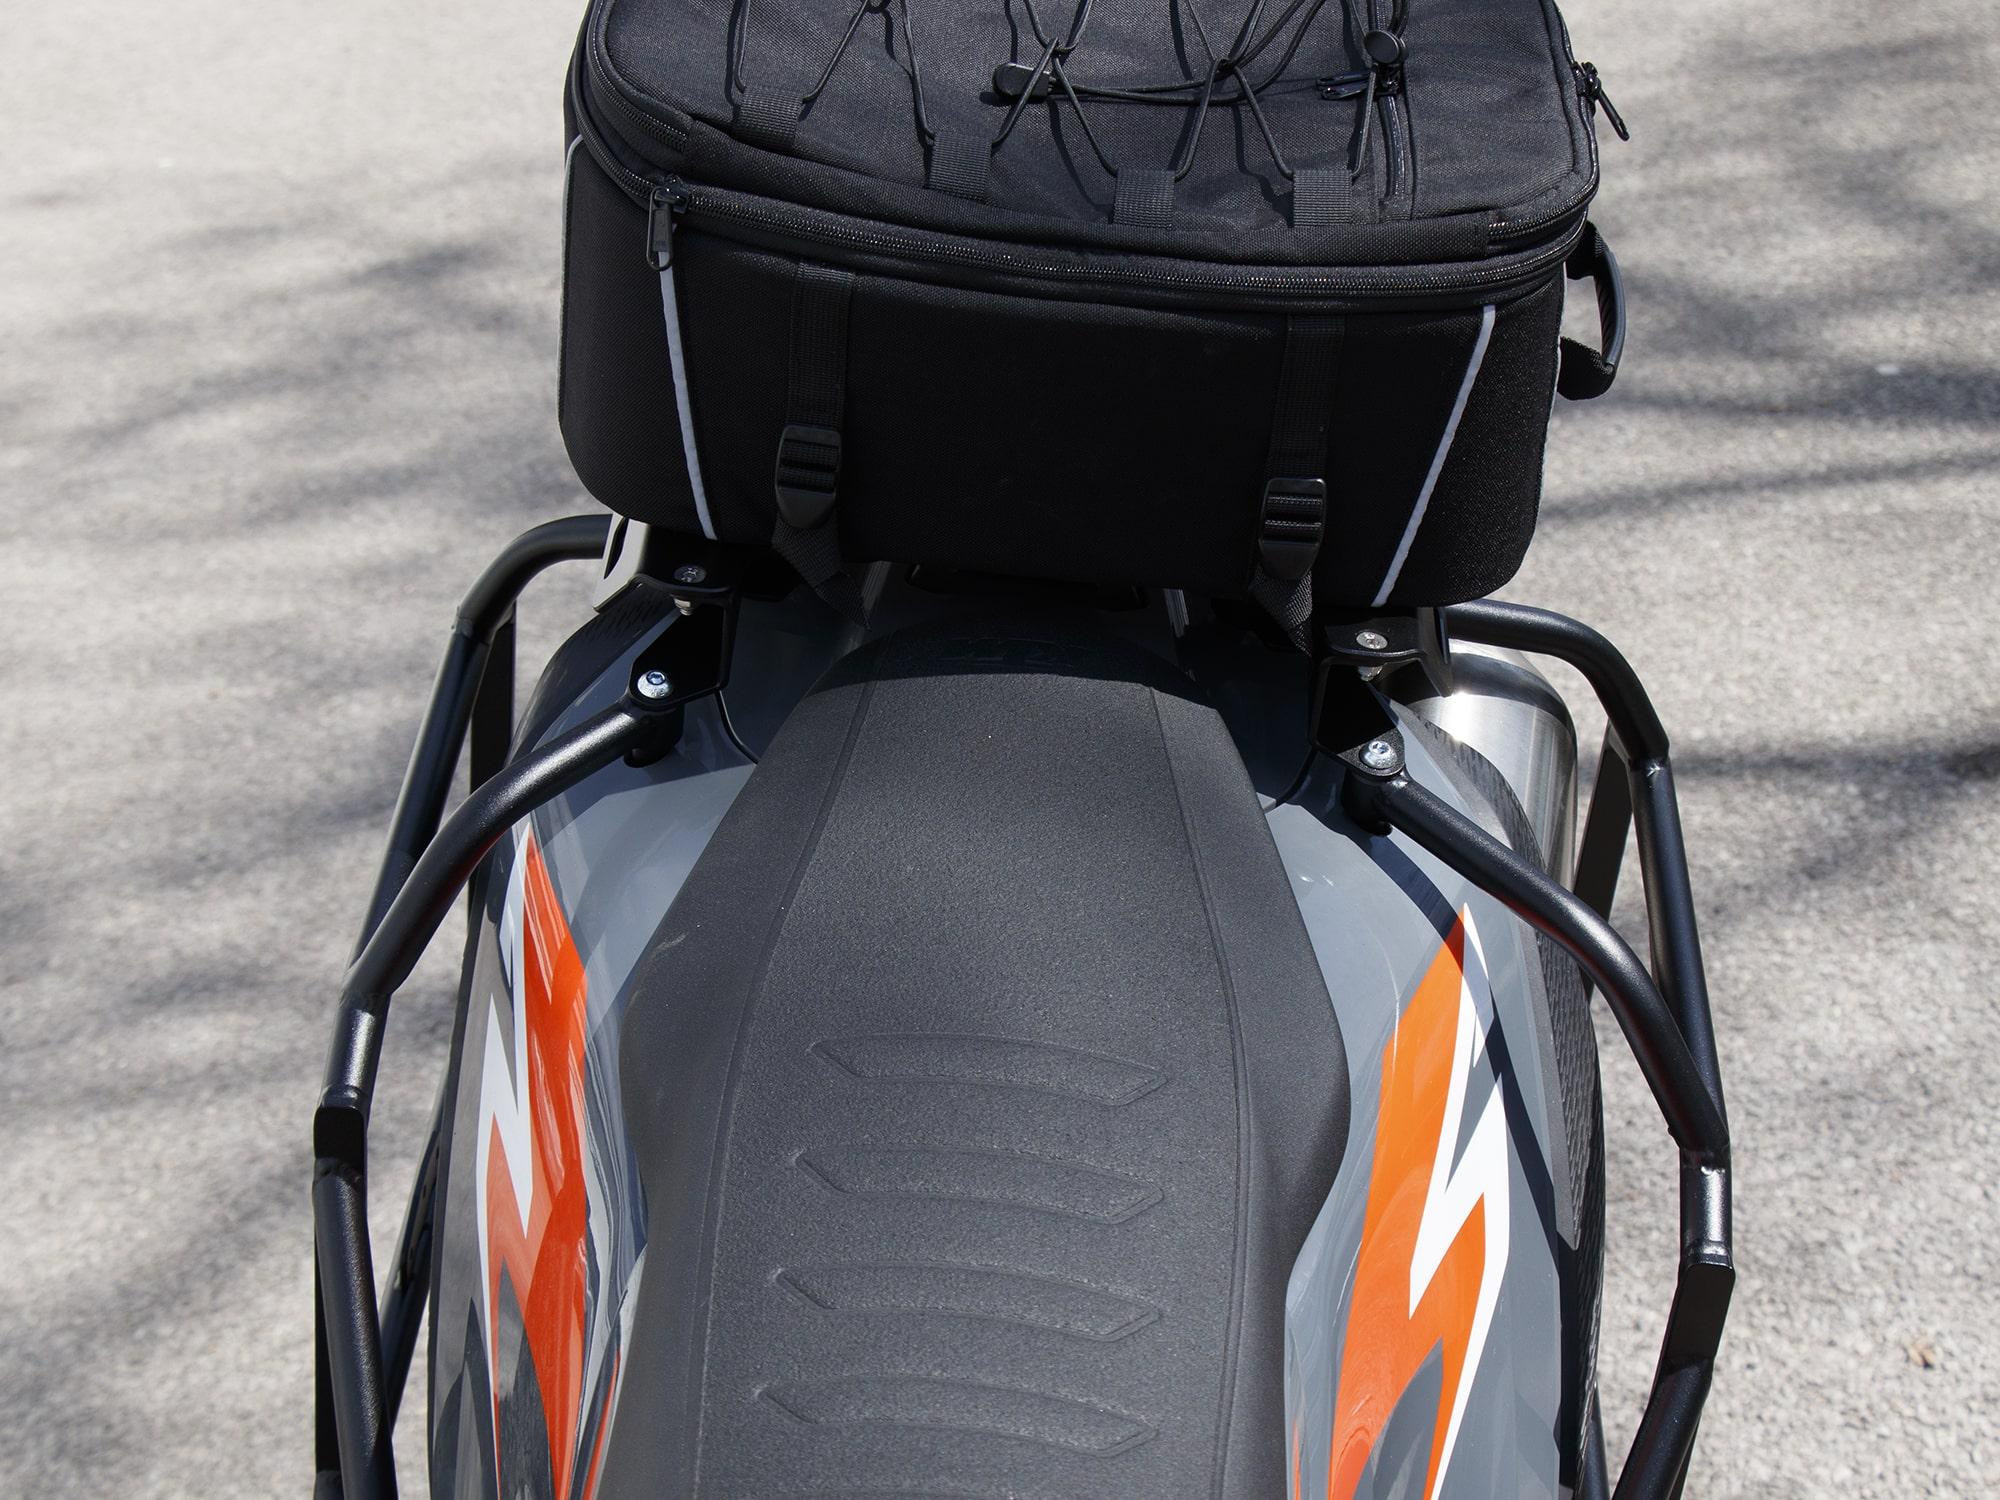 Pannier racks KTM 690